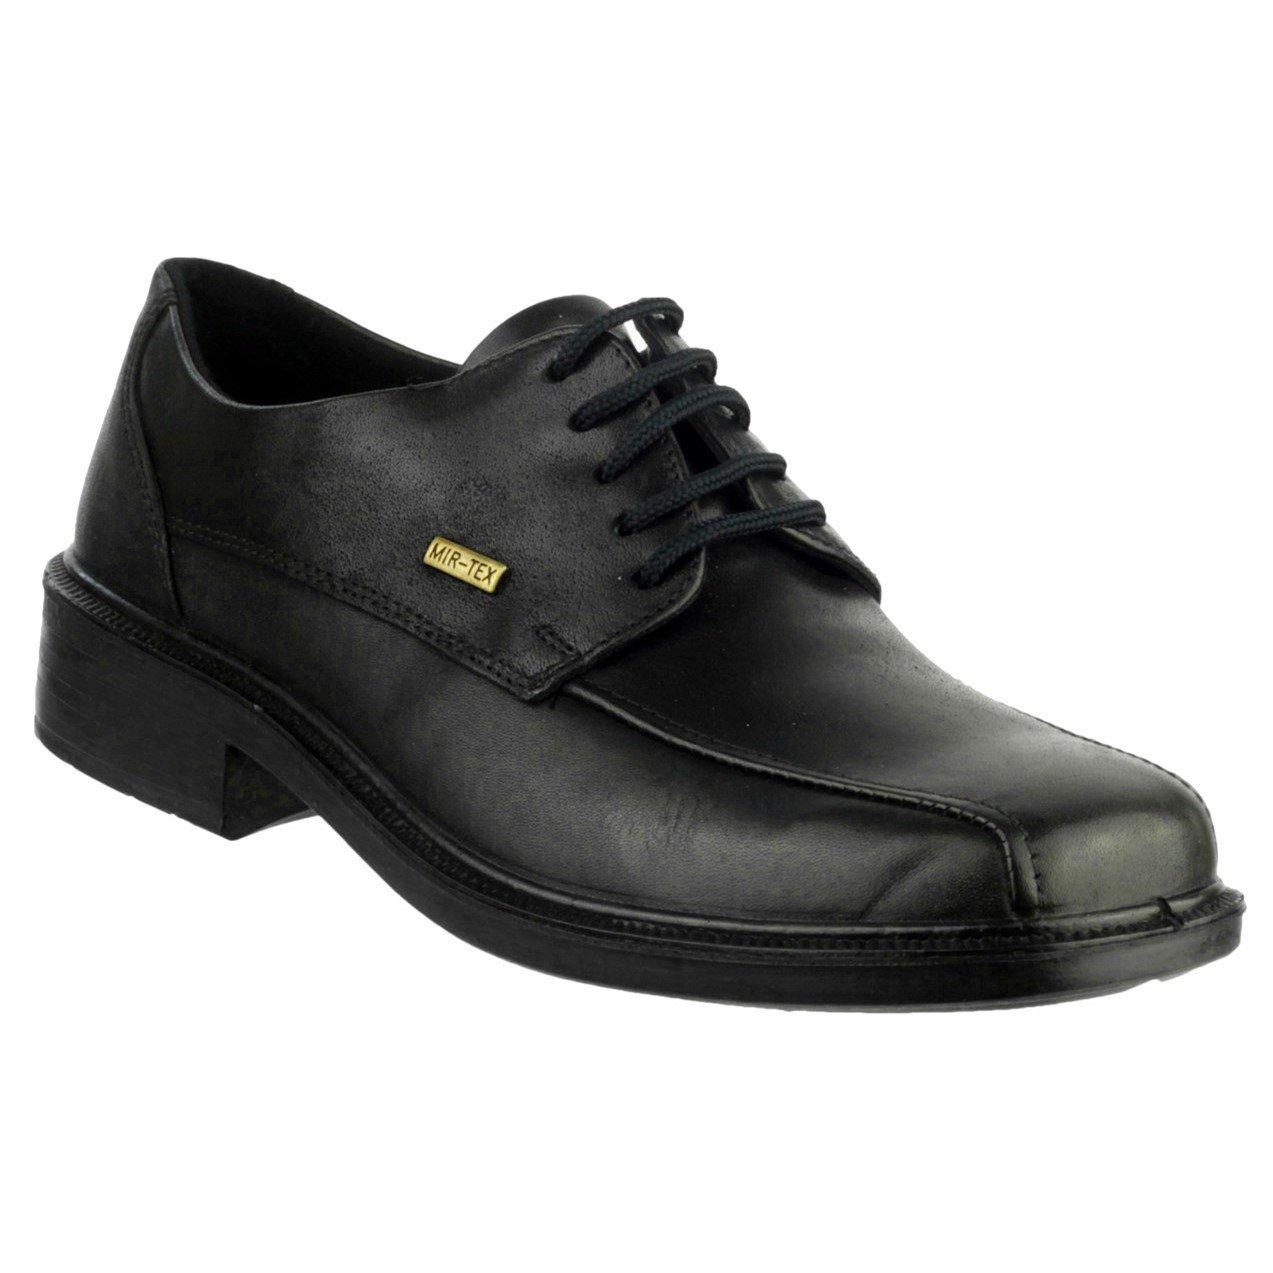 Cotswold Men's Stonehouse Waterproof Shoe Various Colours 32971 - Black 12